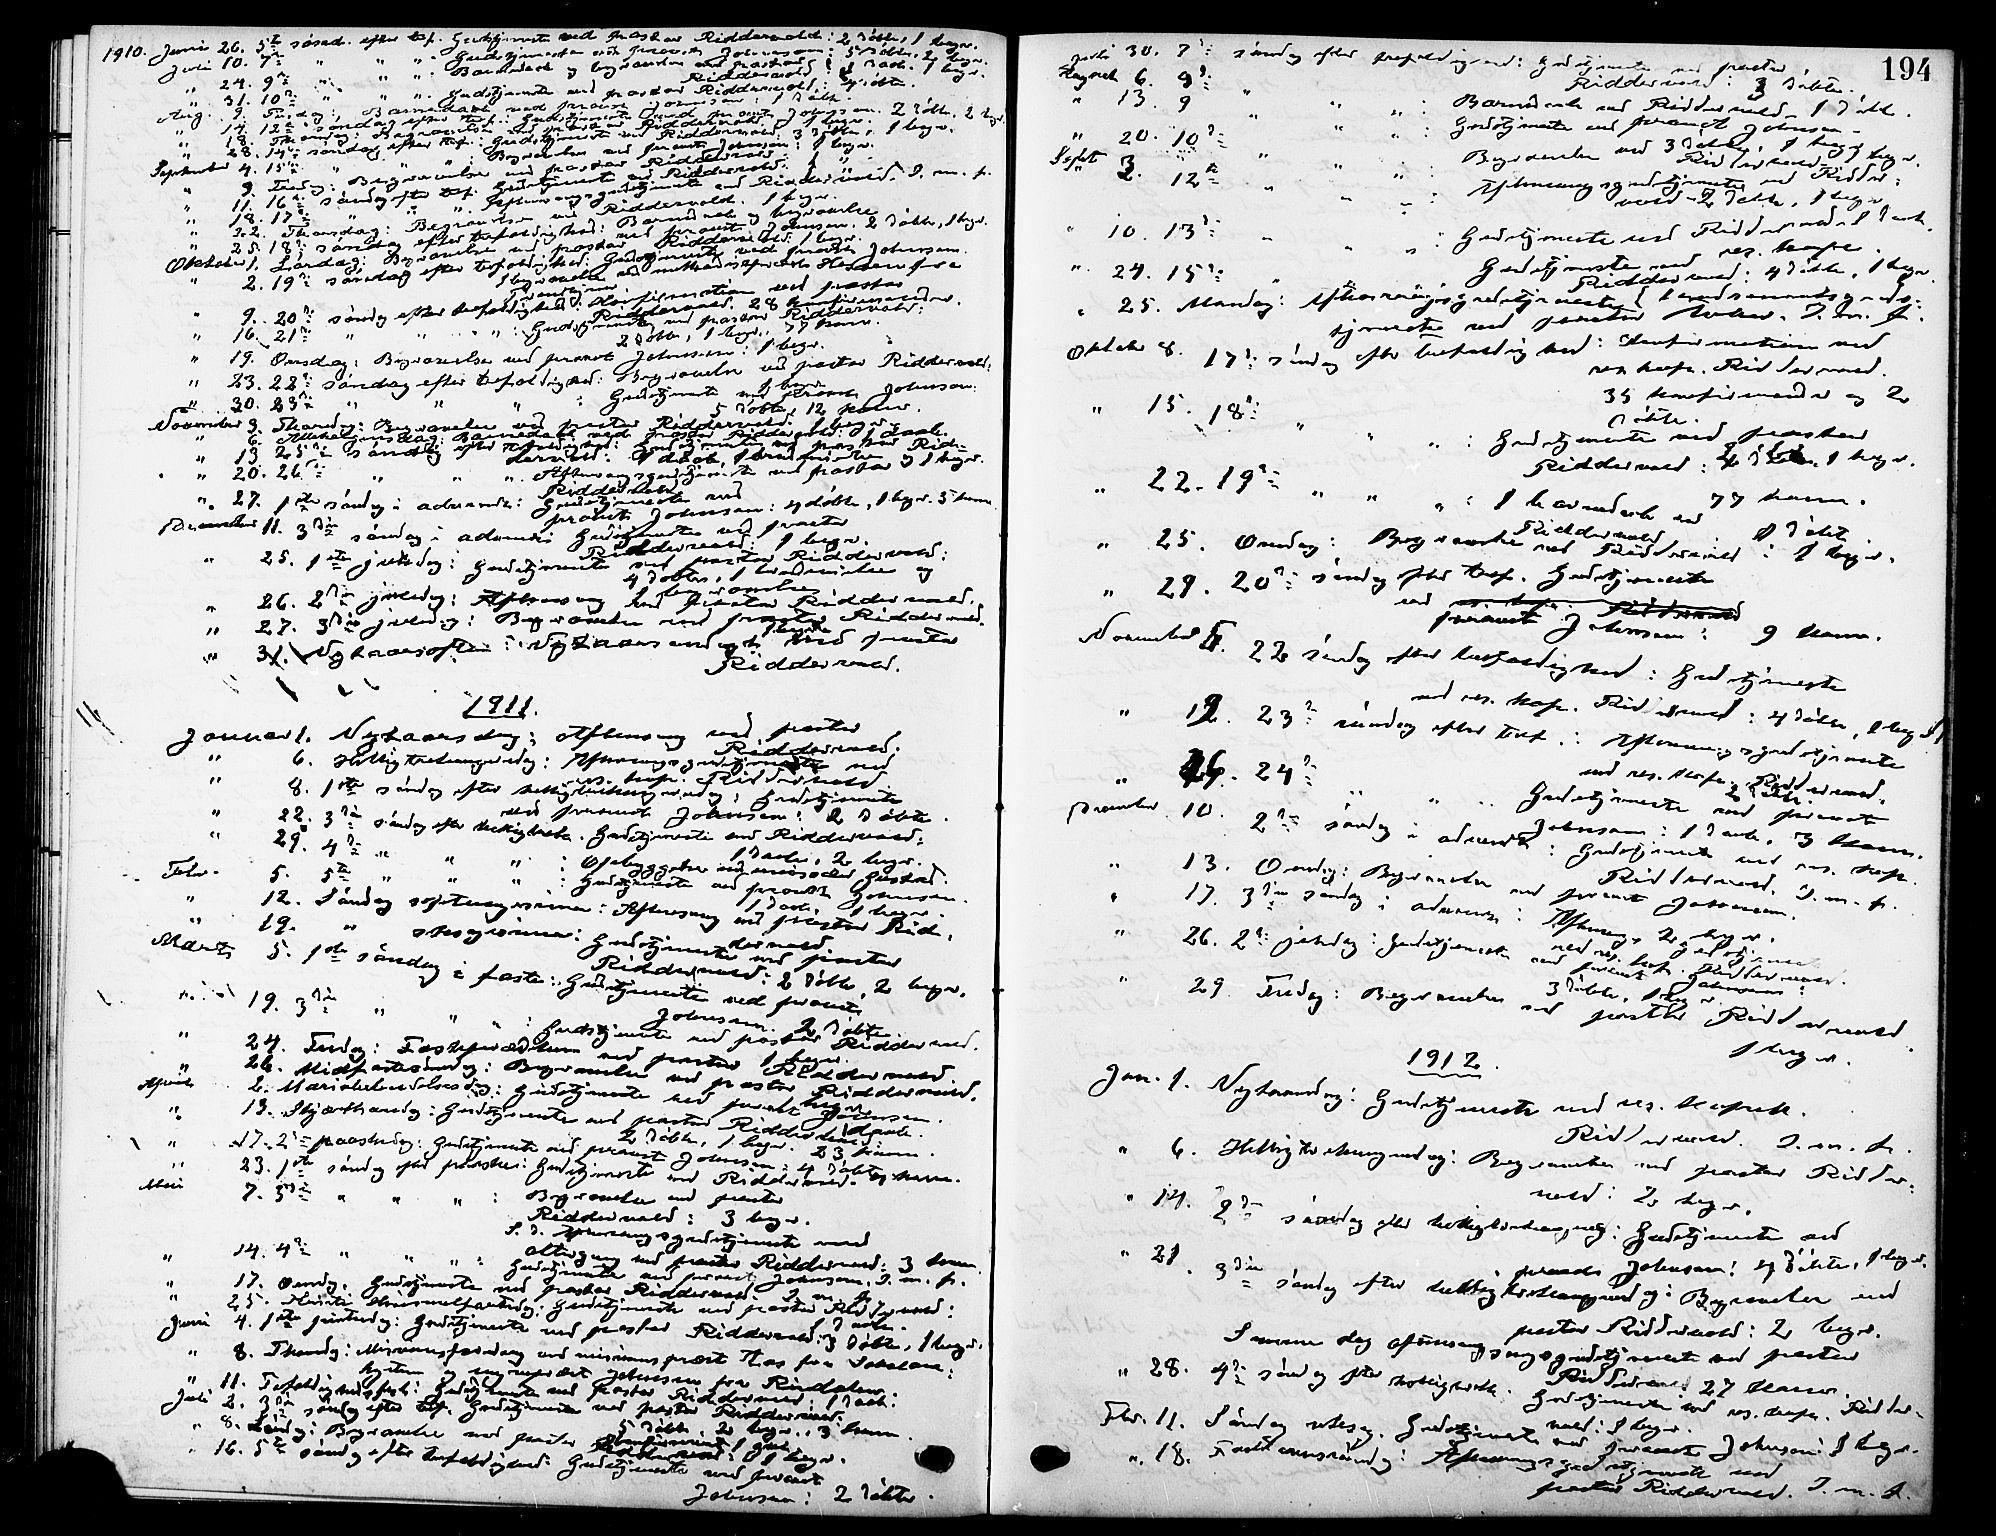 SAT, Ministerialprotokoller, klokkerbøker og fødselsregistre - Sør-Trøndelag, 669/L0831: Klokkerbok nr. 669C01, 1909-1924, s. 194